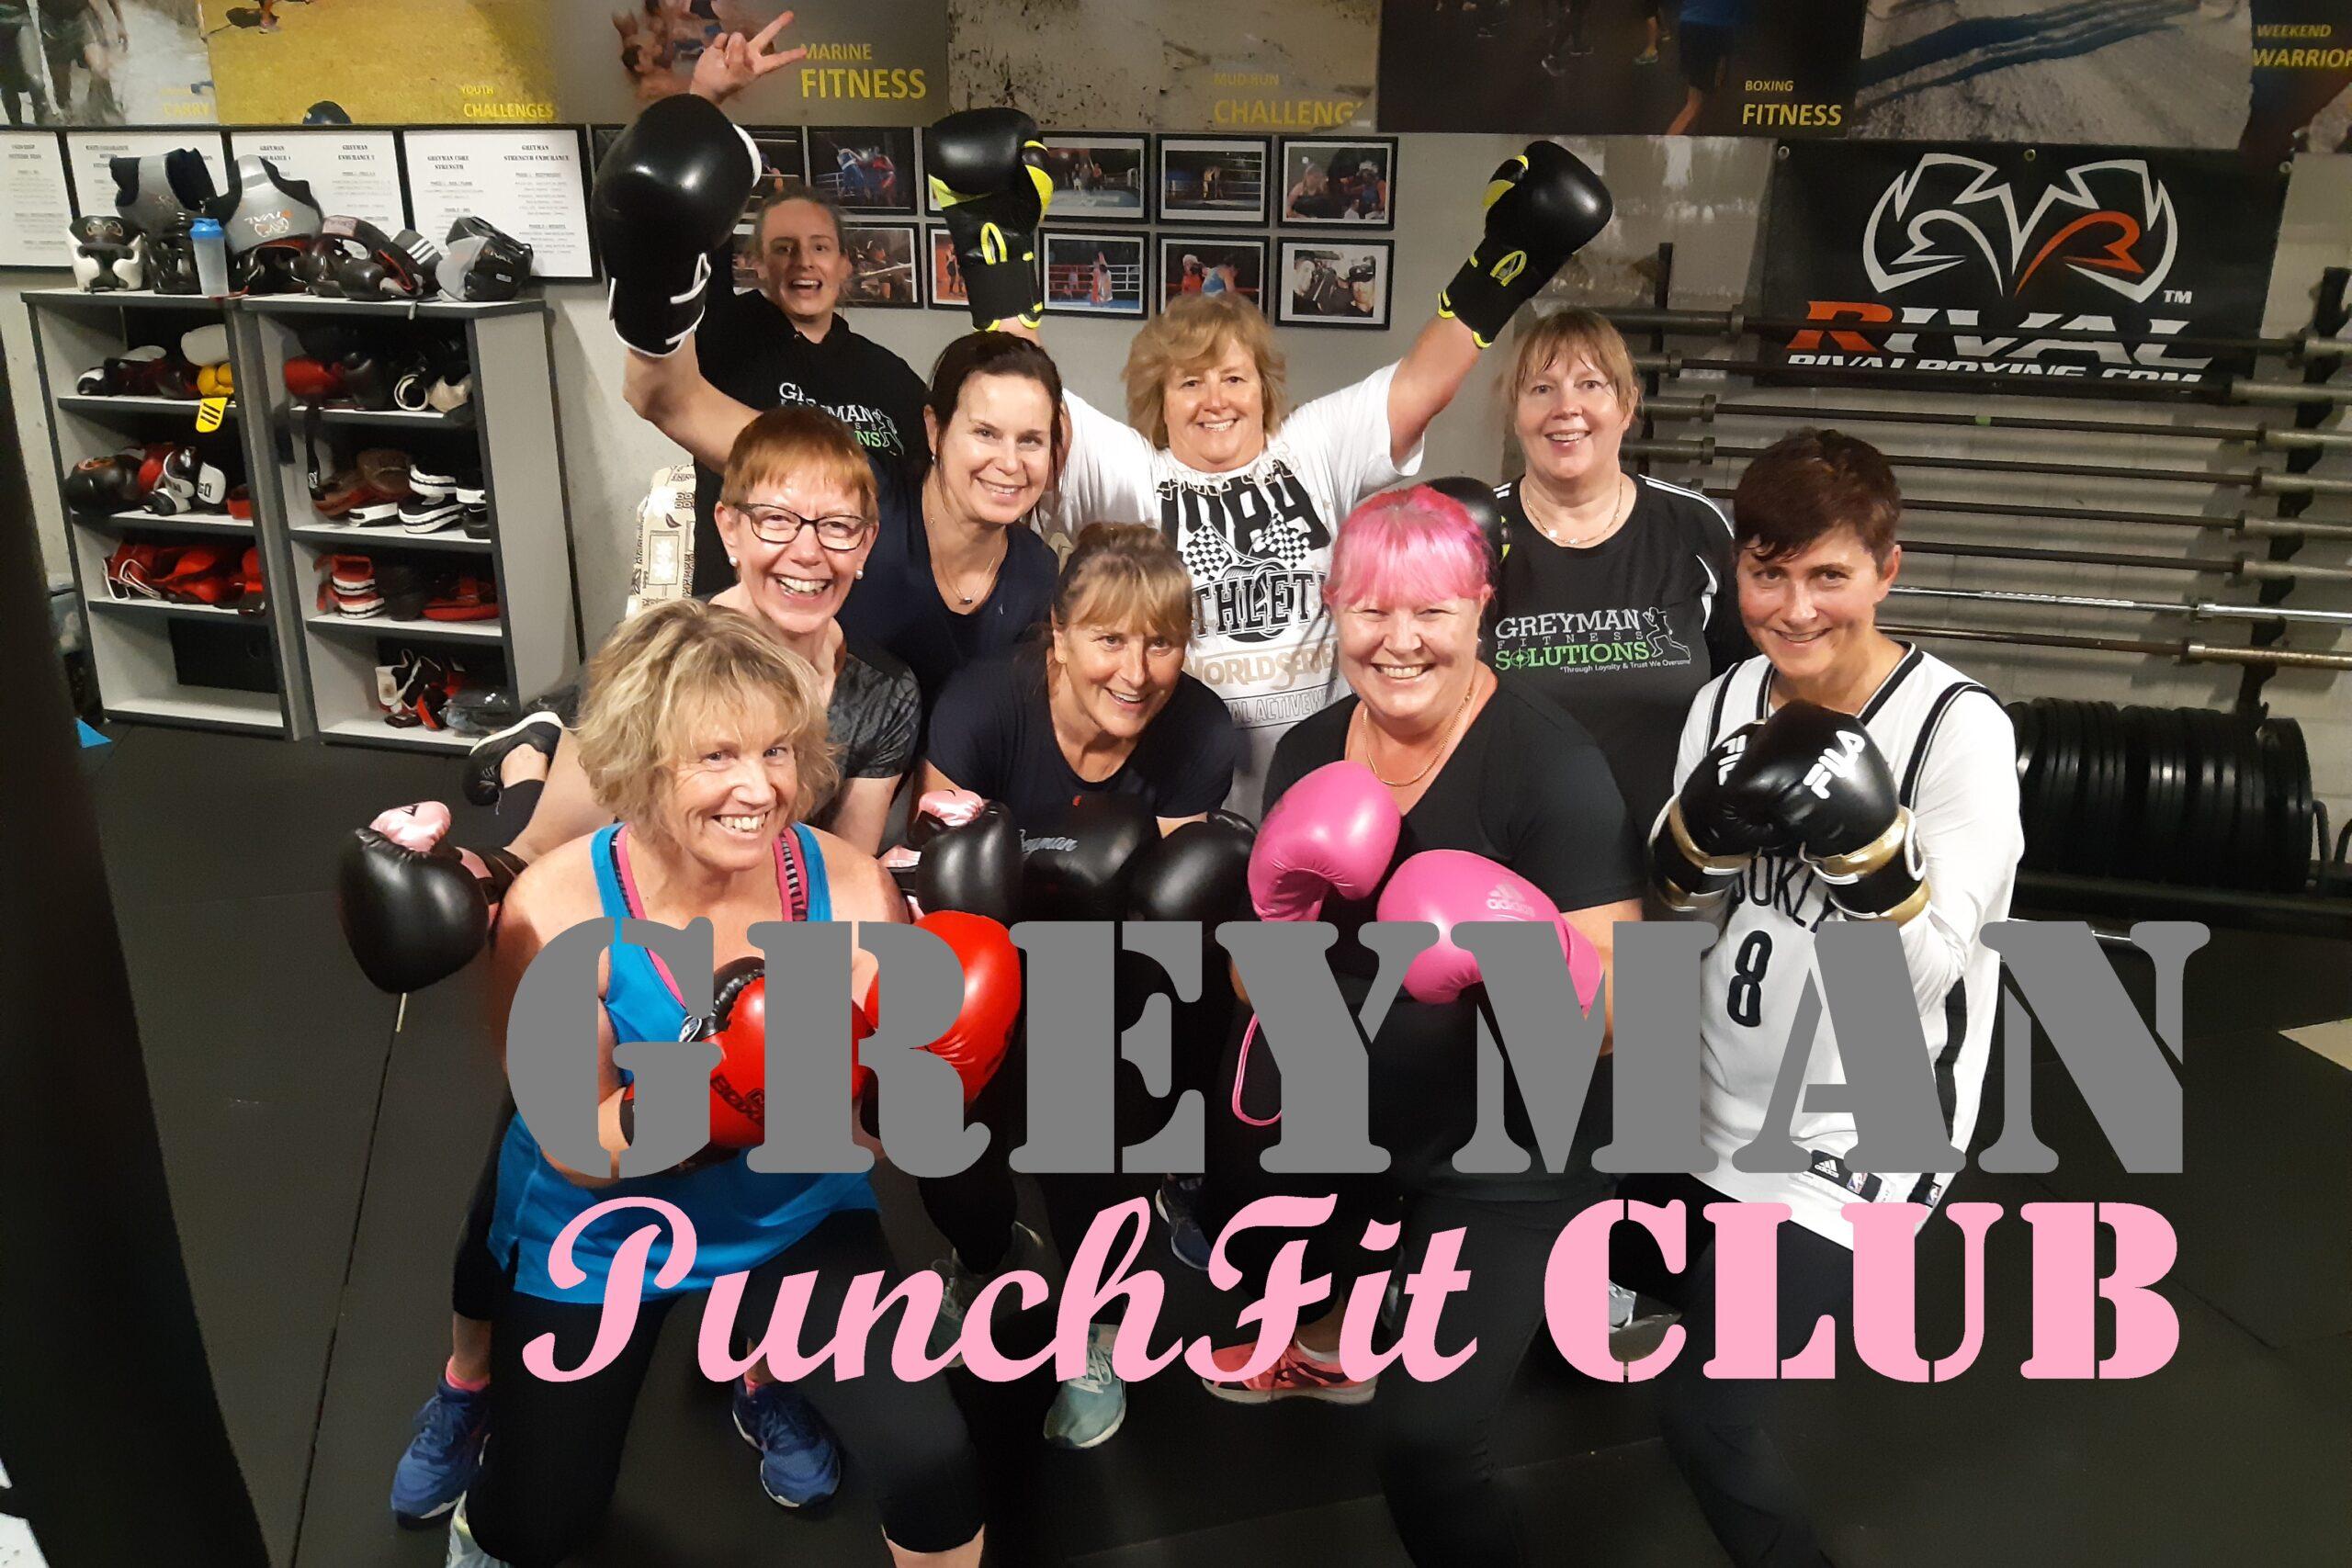 GREYMAN PunchFit CLUB